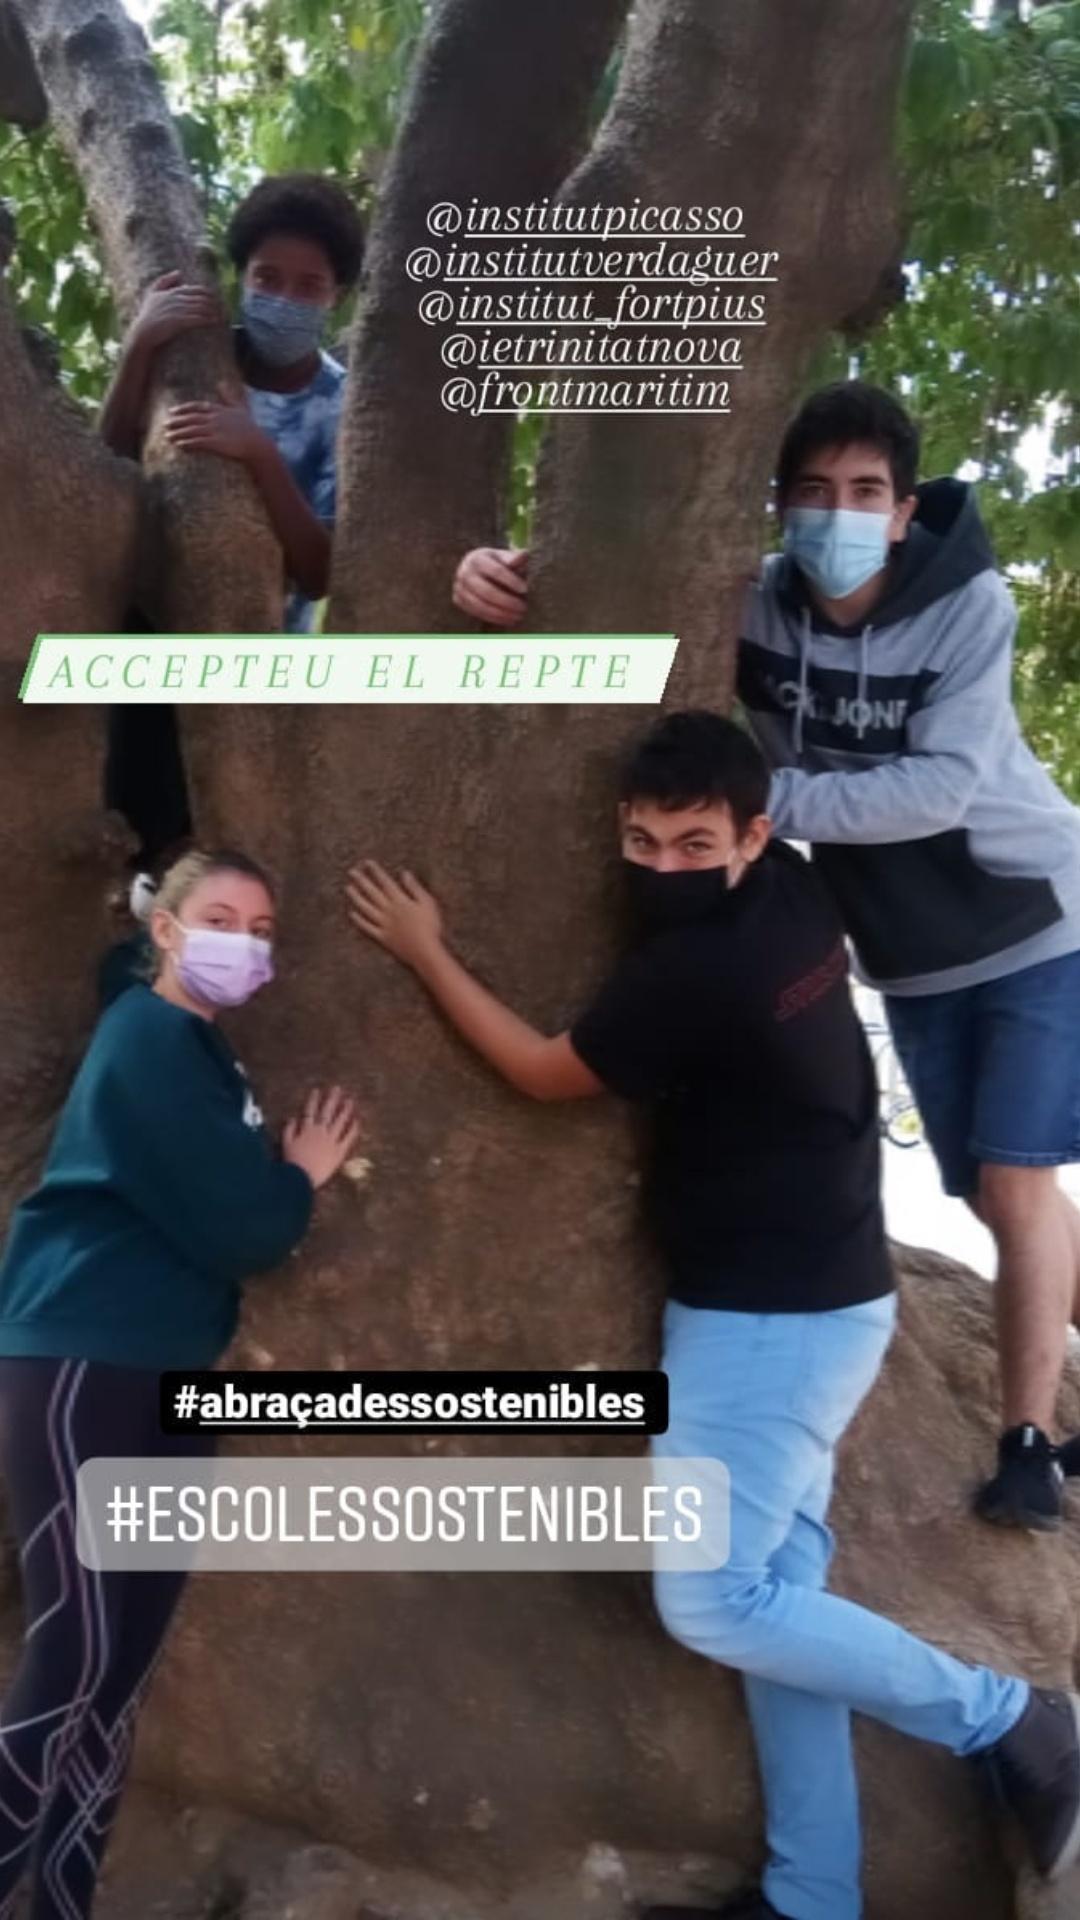 Repte 1: Abraçada sostenible